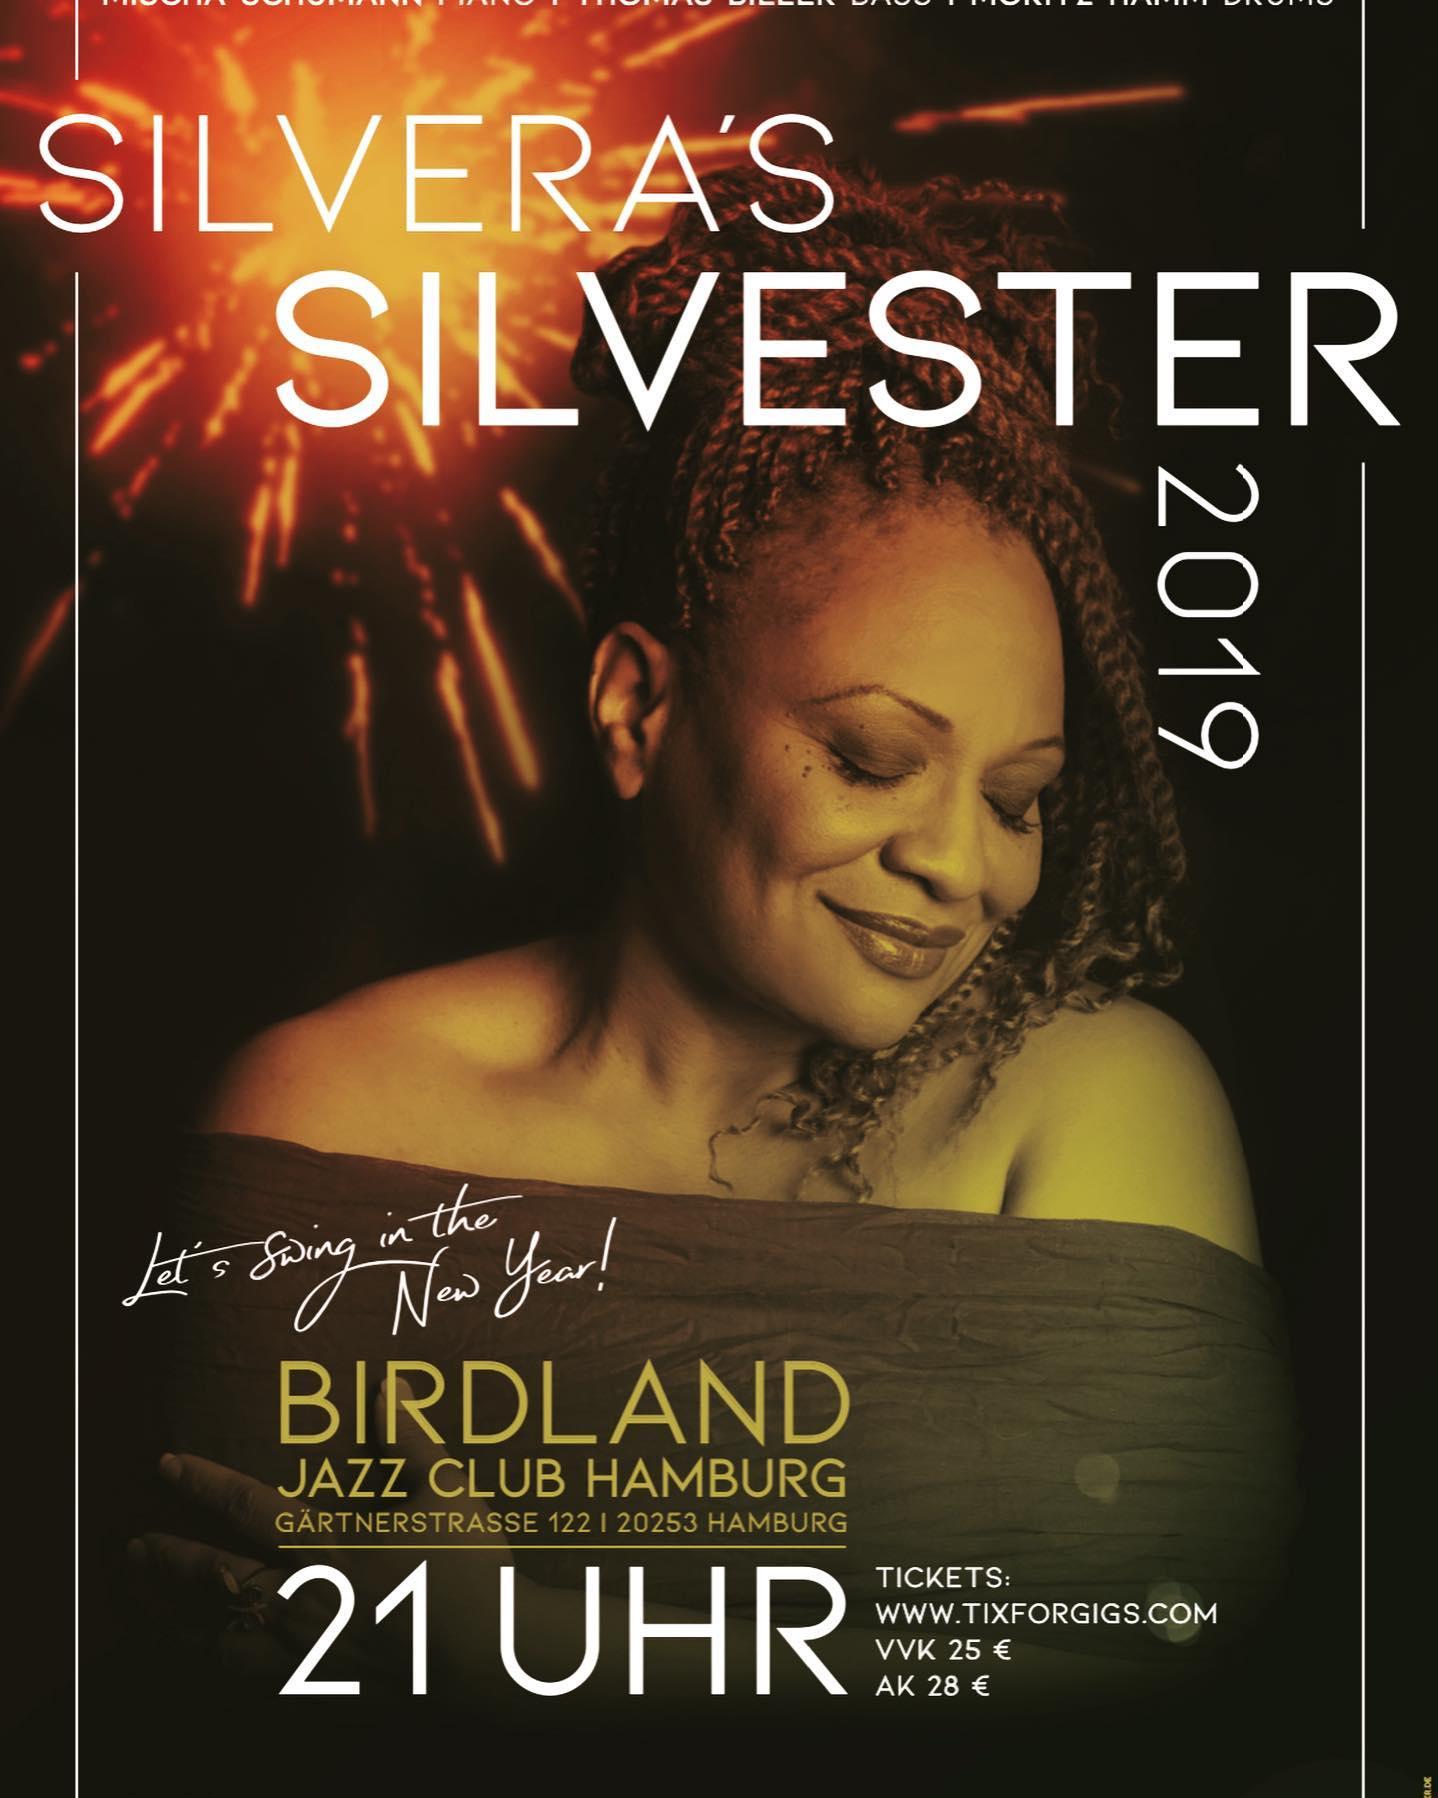 Birdland 31.12.19 - OXMOX verlost Tickets: Die besten Silvester-Partys